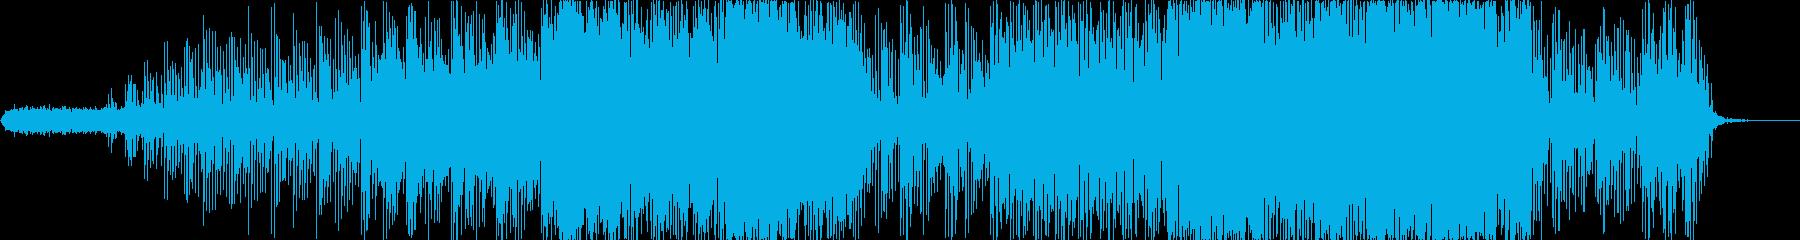 ひとけのない電子的なアンビエントの再生済みの波形